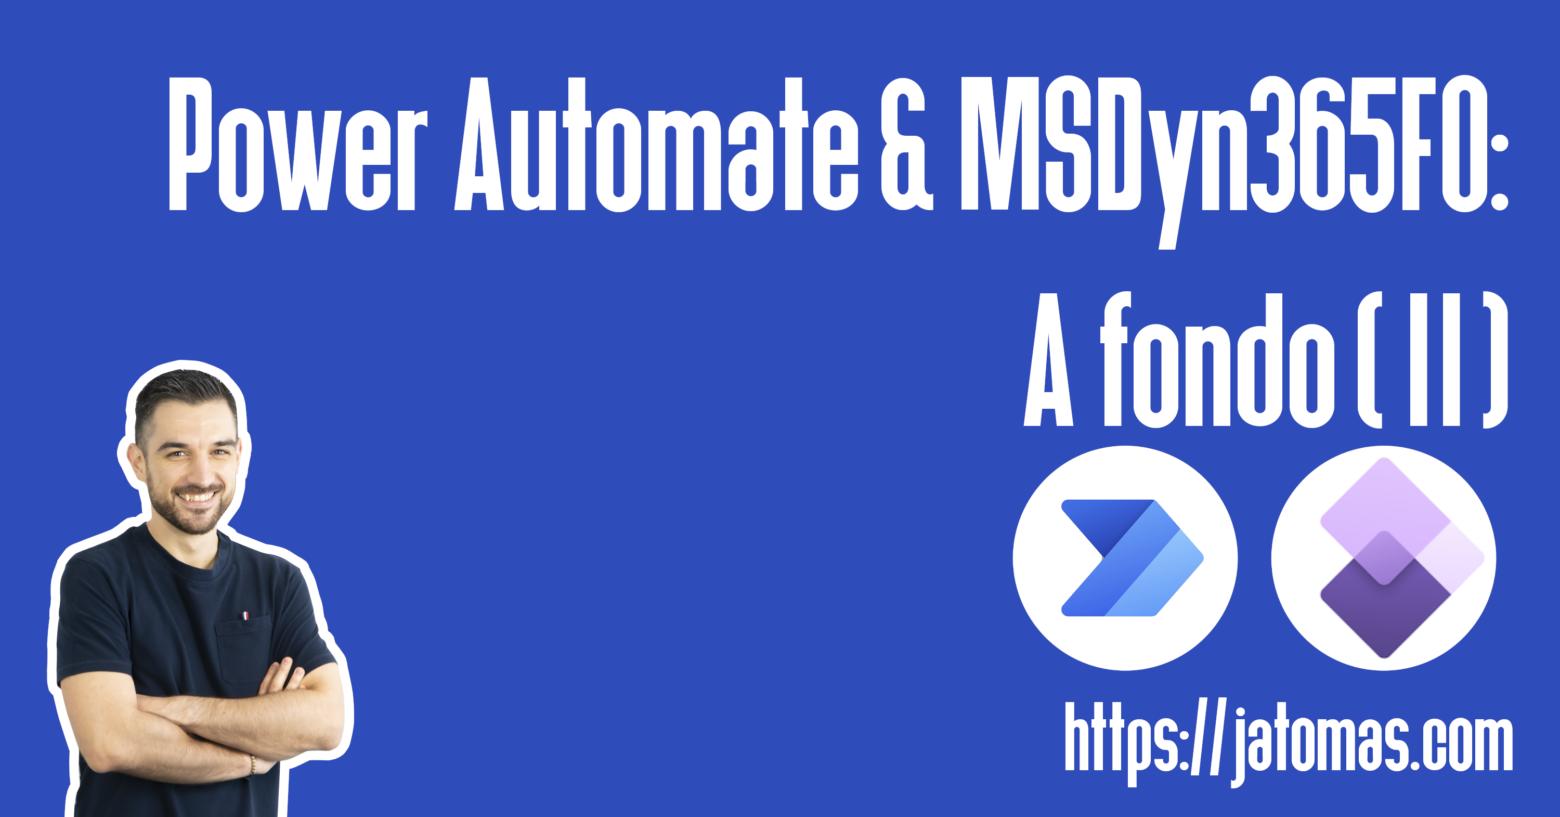 power automate msdyn365fo a fondo